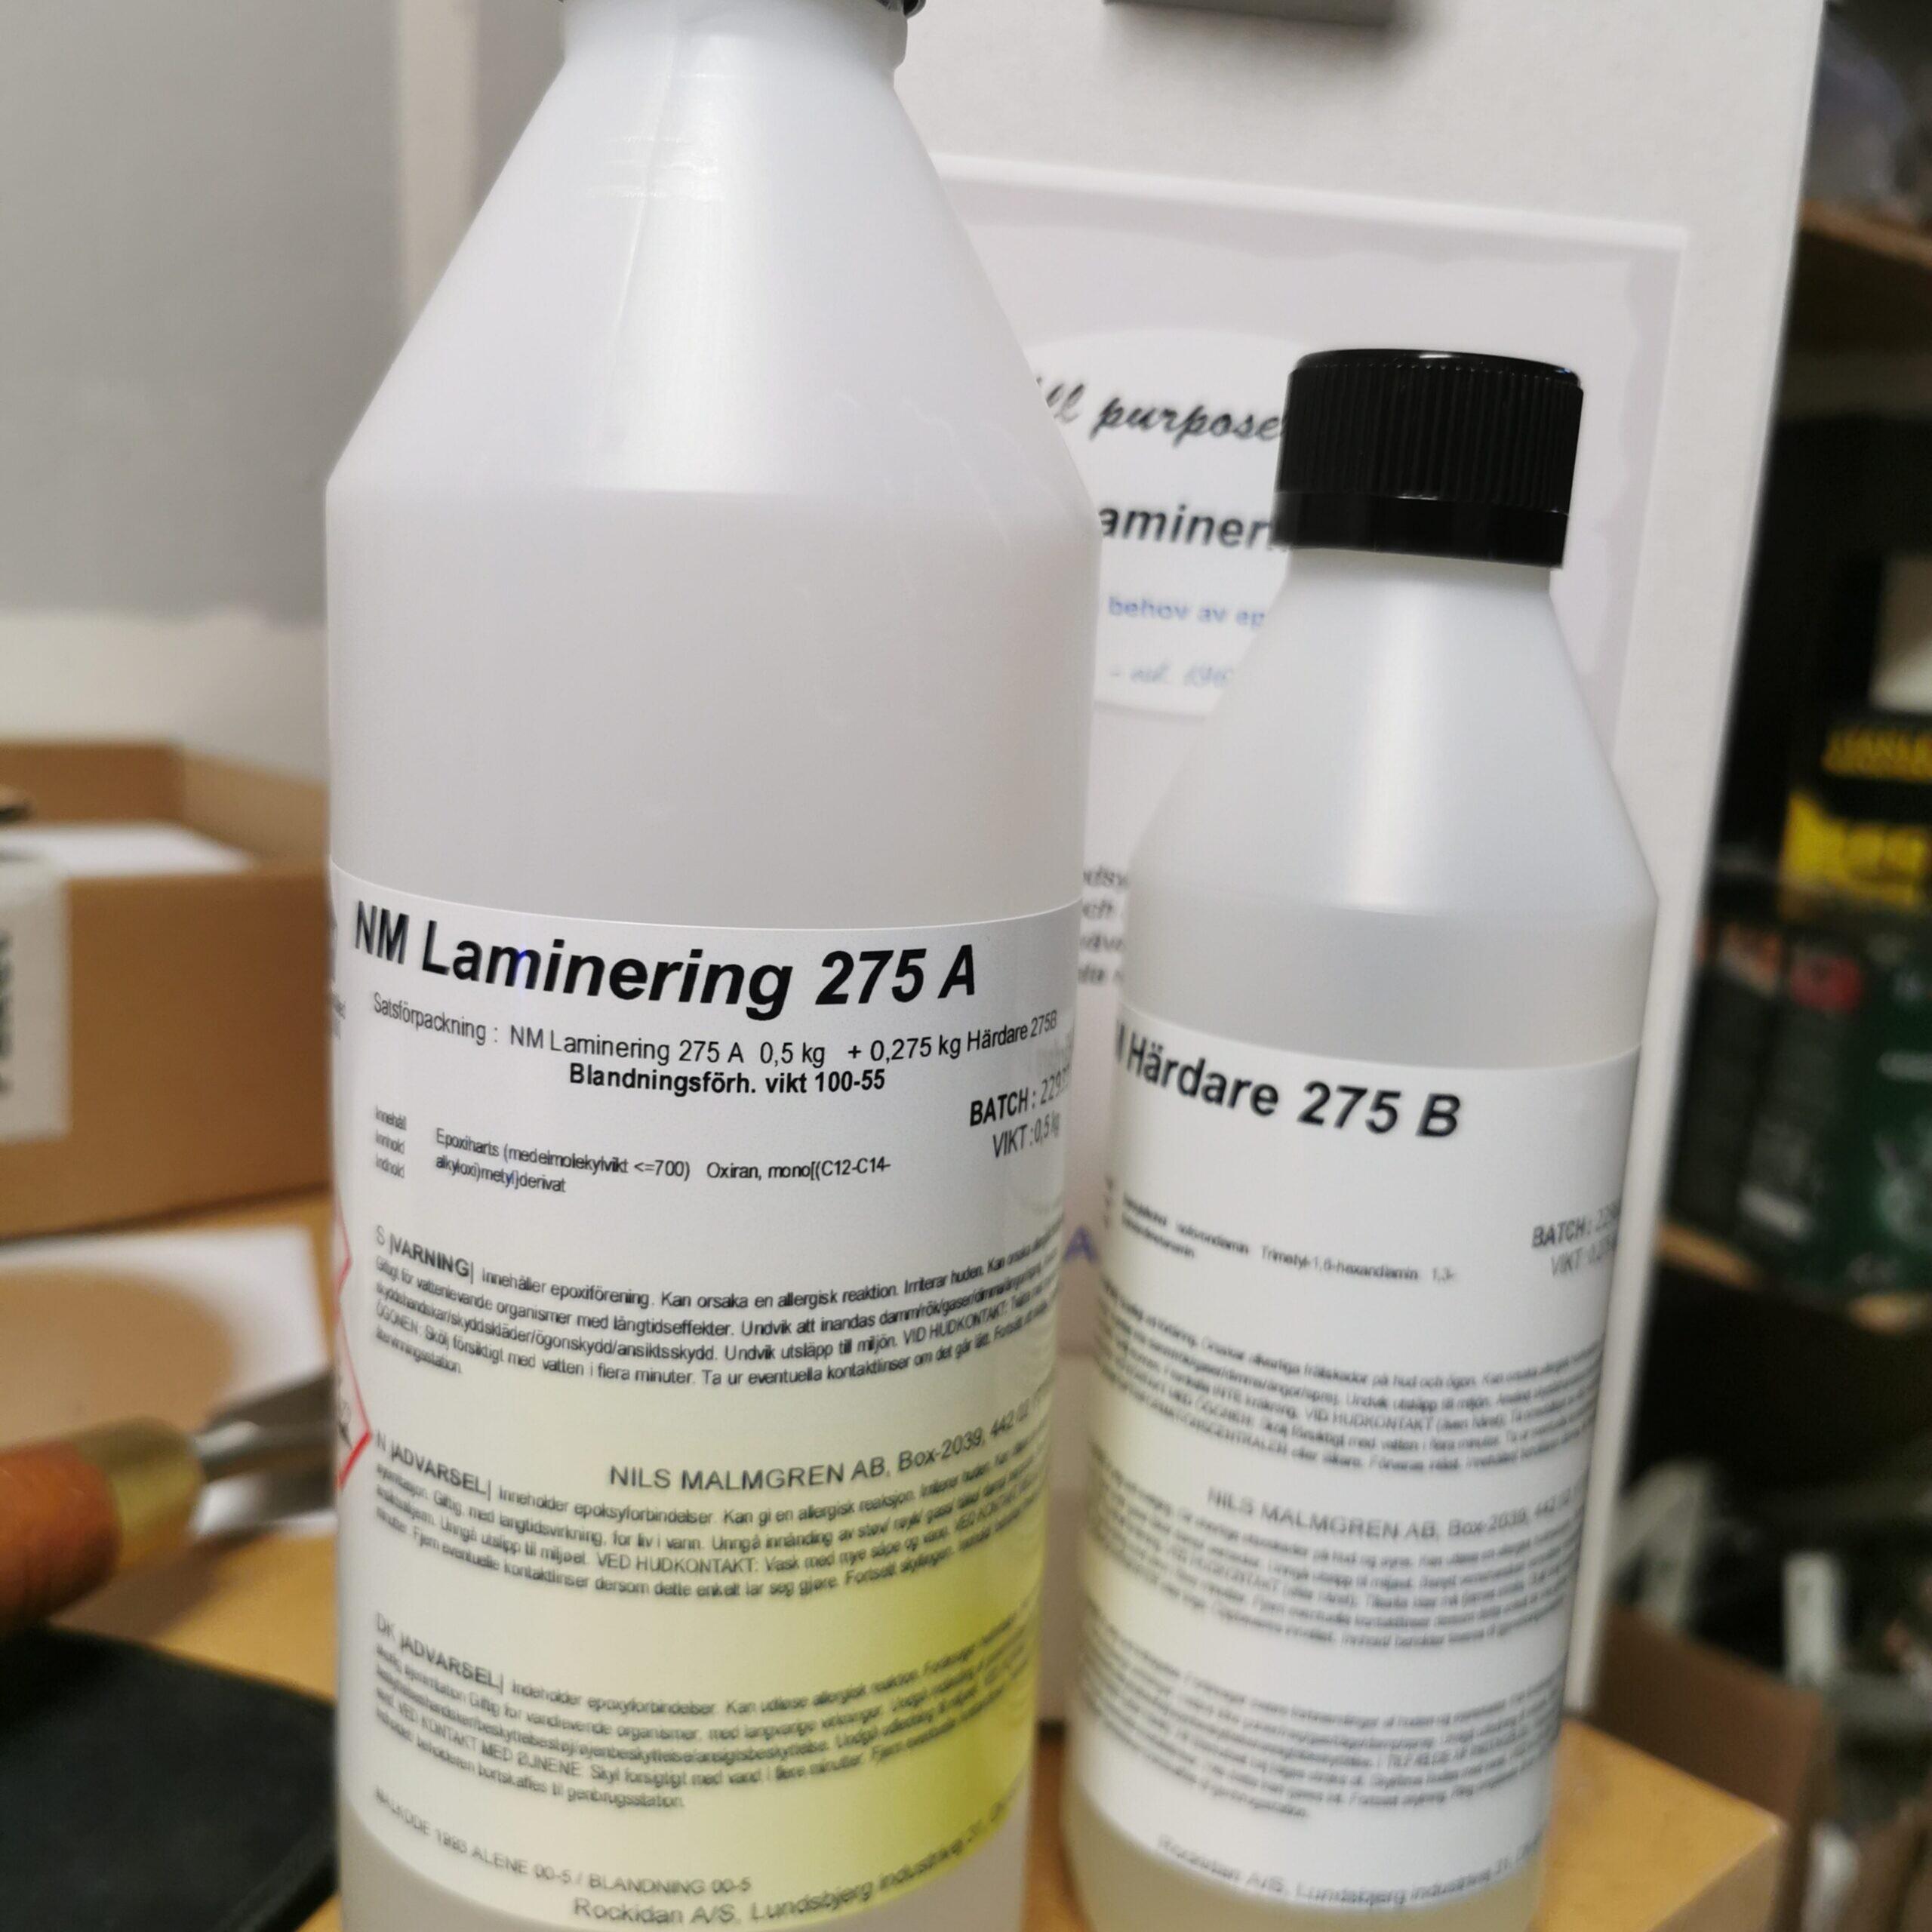 NM 275 Lamineringsepoxy (sprickfyllning och coating)